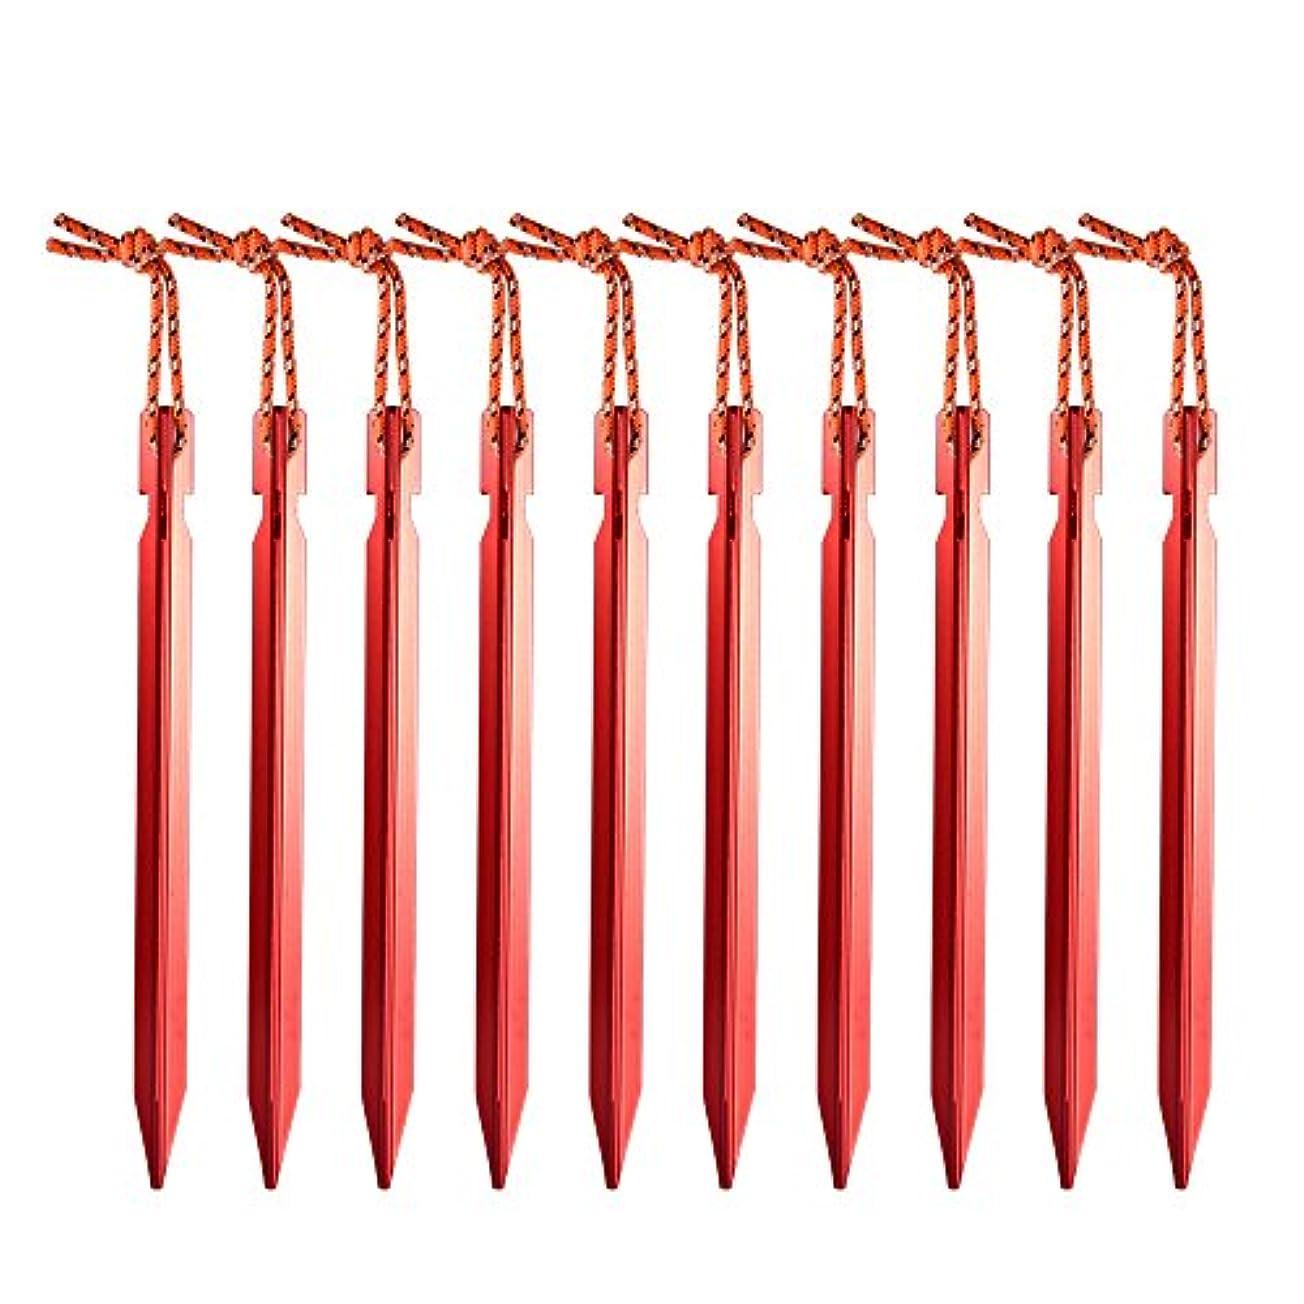 判決気配りのある強風SNOWINSPRING 10本のテントペグ ロープの屋外テントと18センチメートルアルミテントのステーク釘ペグ テントアクセサリー 機器(赤色)